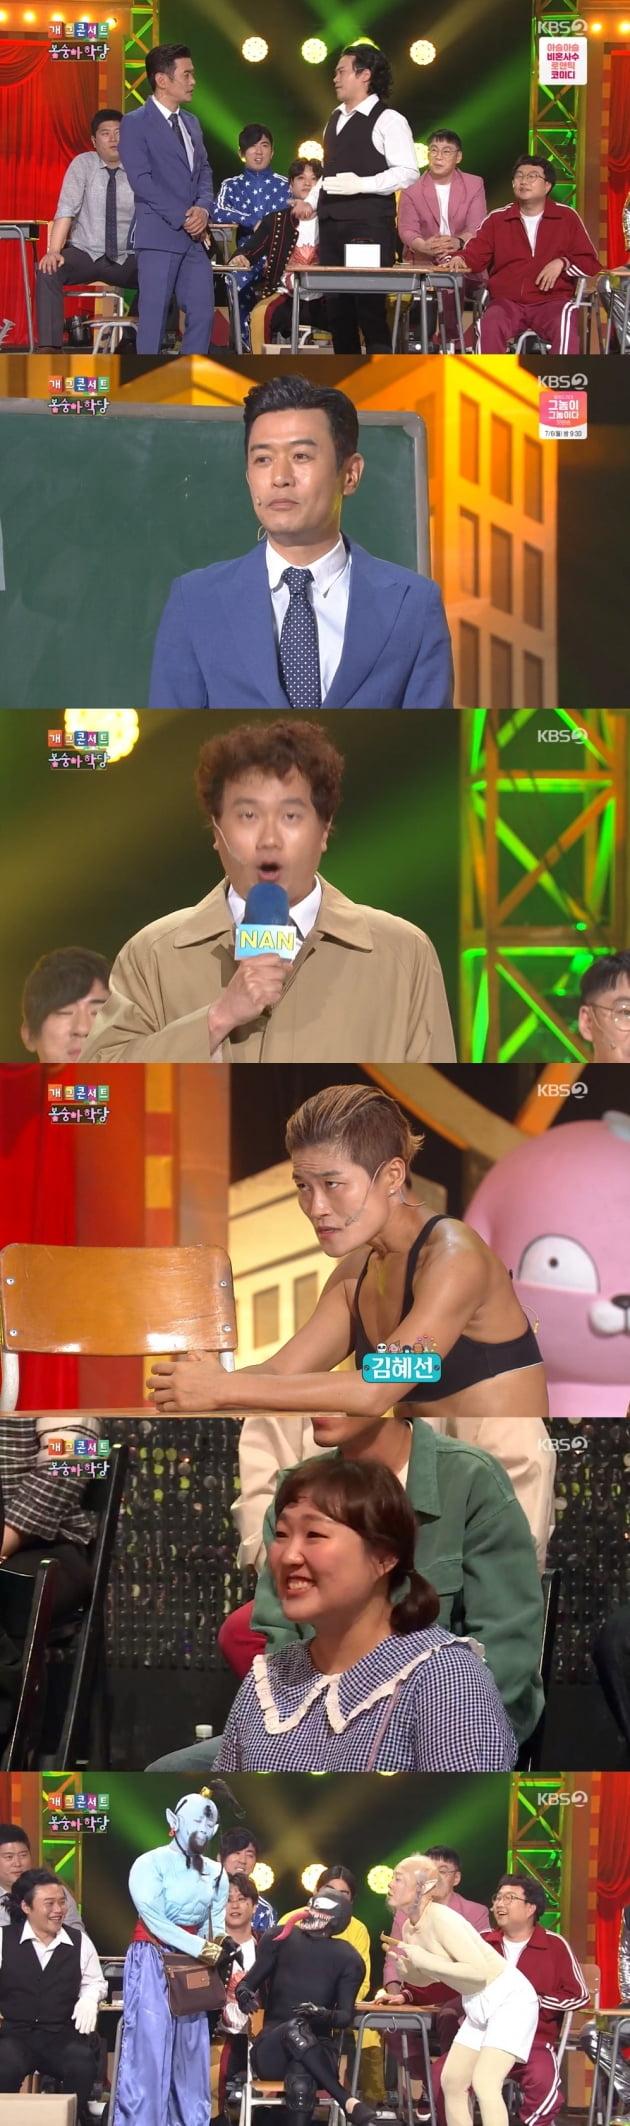 '개그콘서트' / 사진 = KBS 영상 캡처